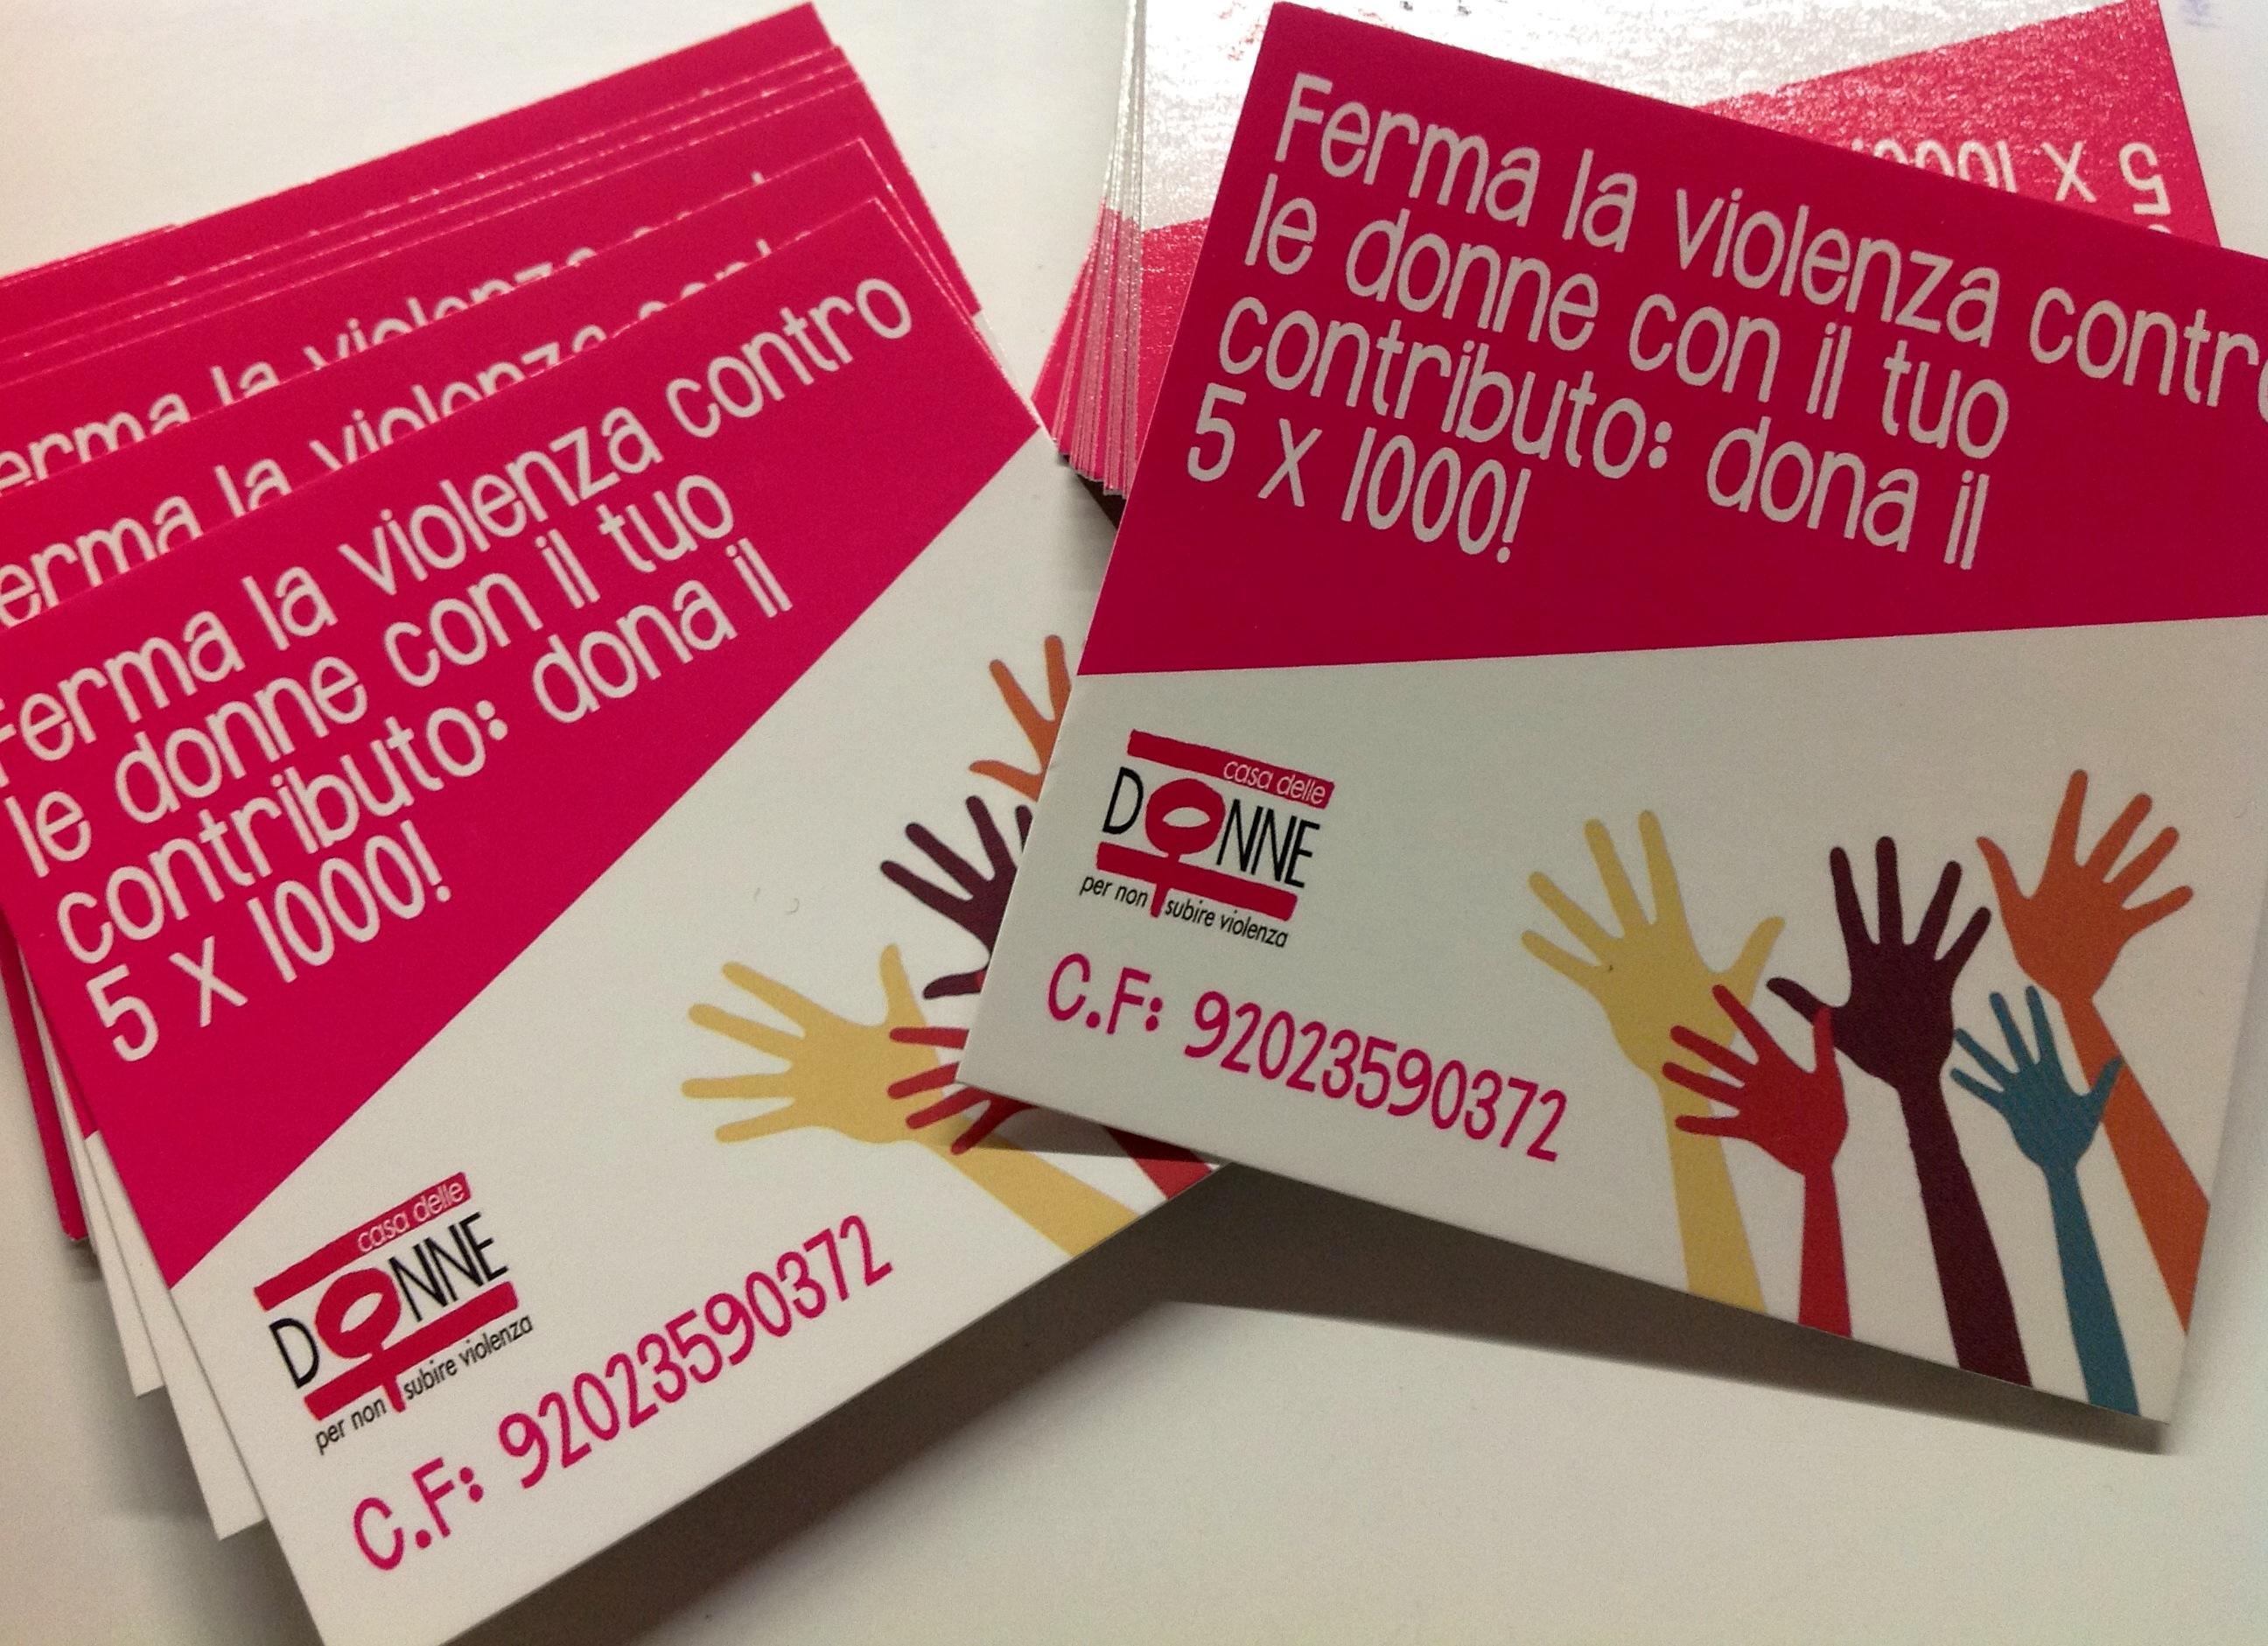 1045 volte grazie per il 5 per mille donato alla Casa delle donne di Bologna